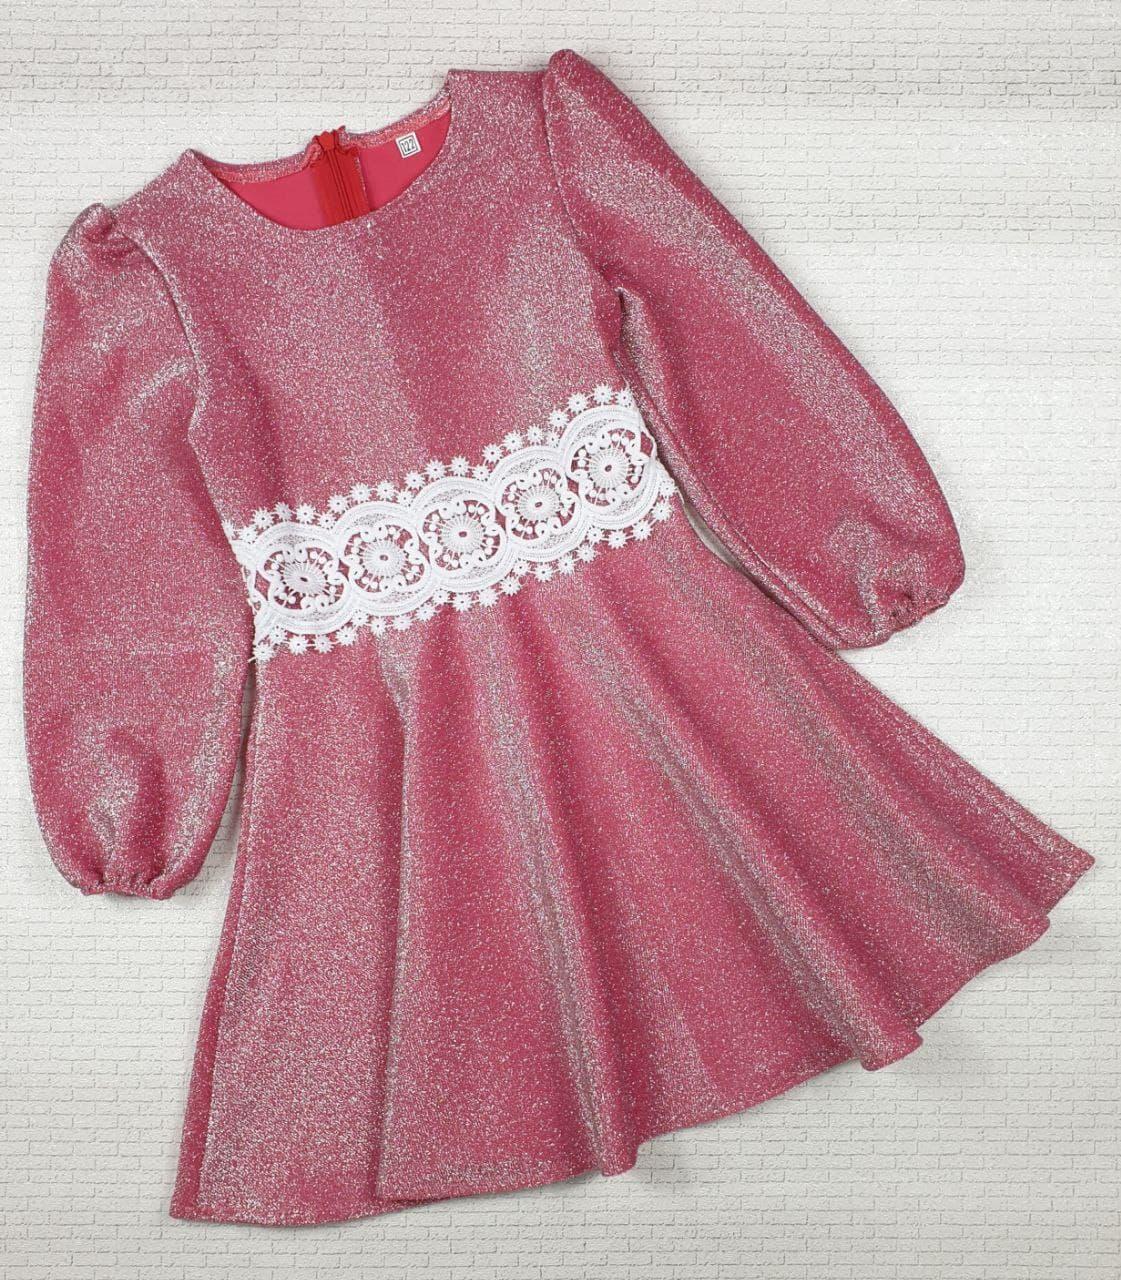 Нарядное люрексовое платье на девочку 122,128,134,140 см, коралловый